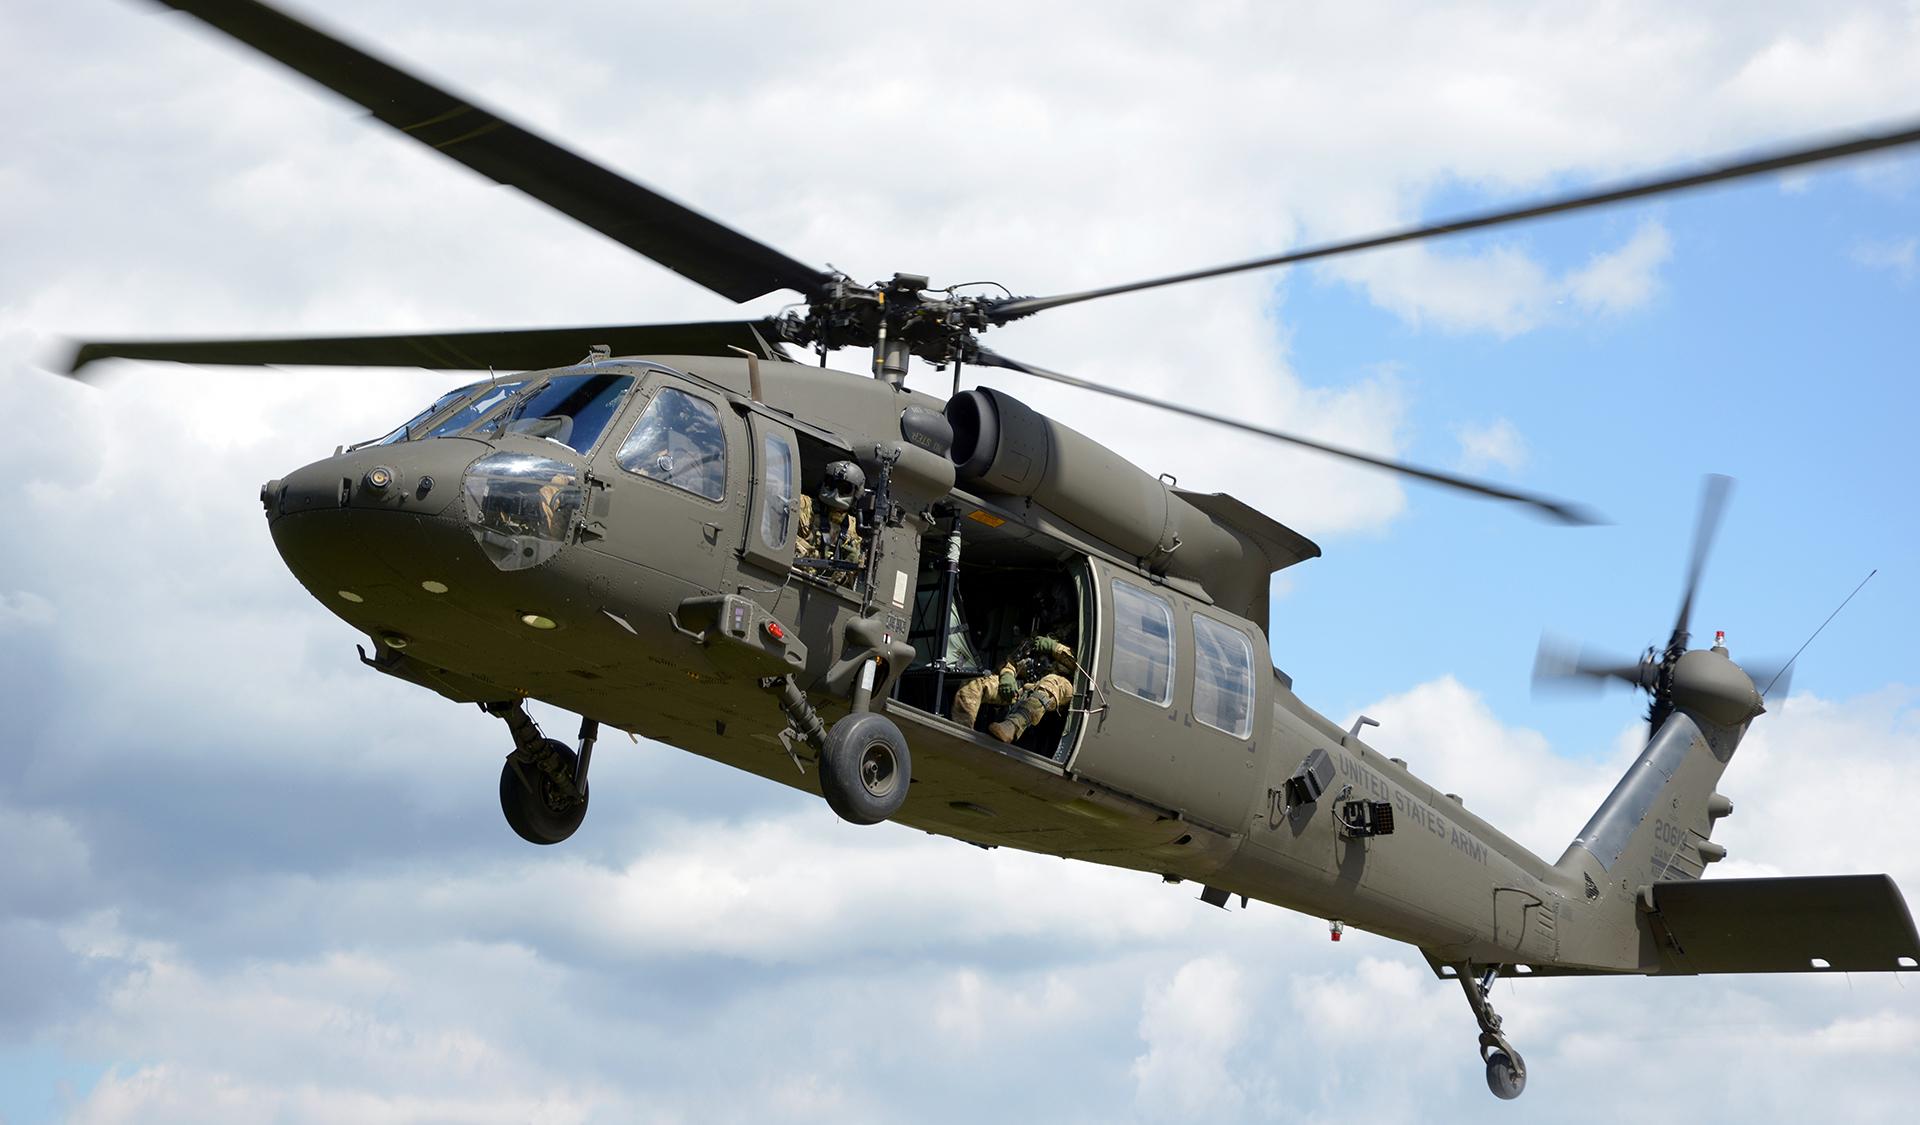 Black Hawk Down de București. Tot ce trebuie să știi despre elicopterul care a aterizat forțat în traficul din Capitală. (Plus ironia sorții: în film, acțiunea se petrece în Somalia)